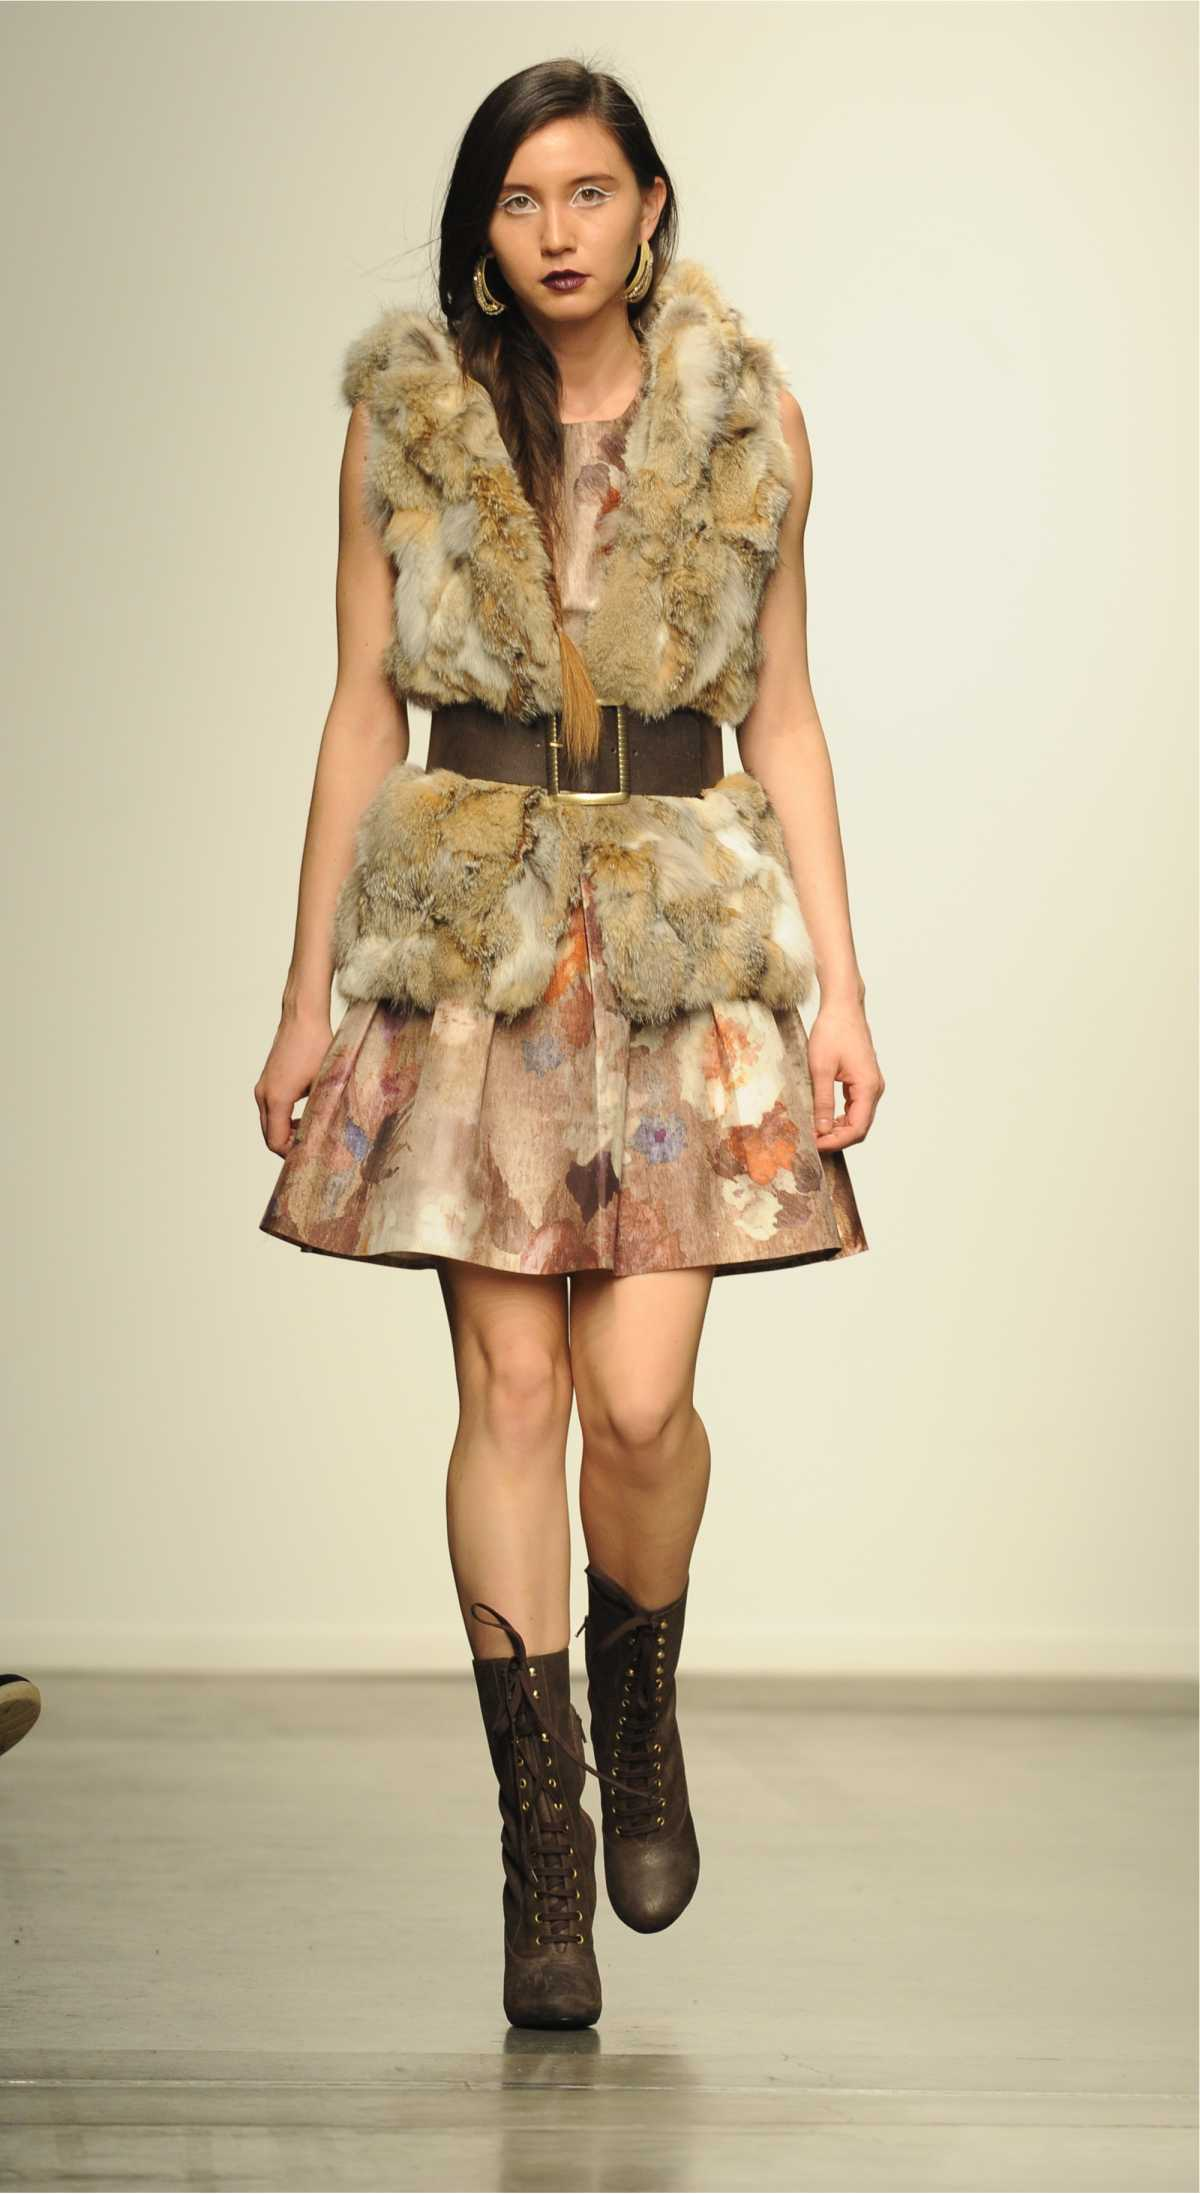 vestido floral, delicado com colete de pele como sobreposição